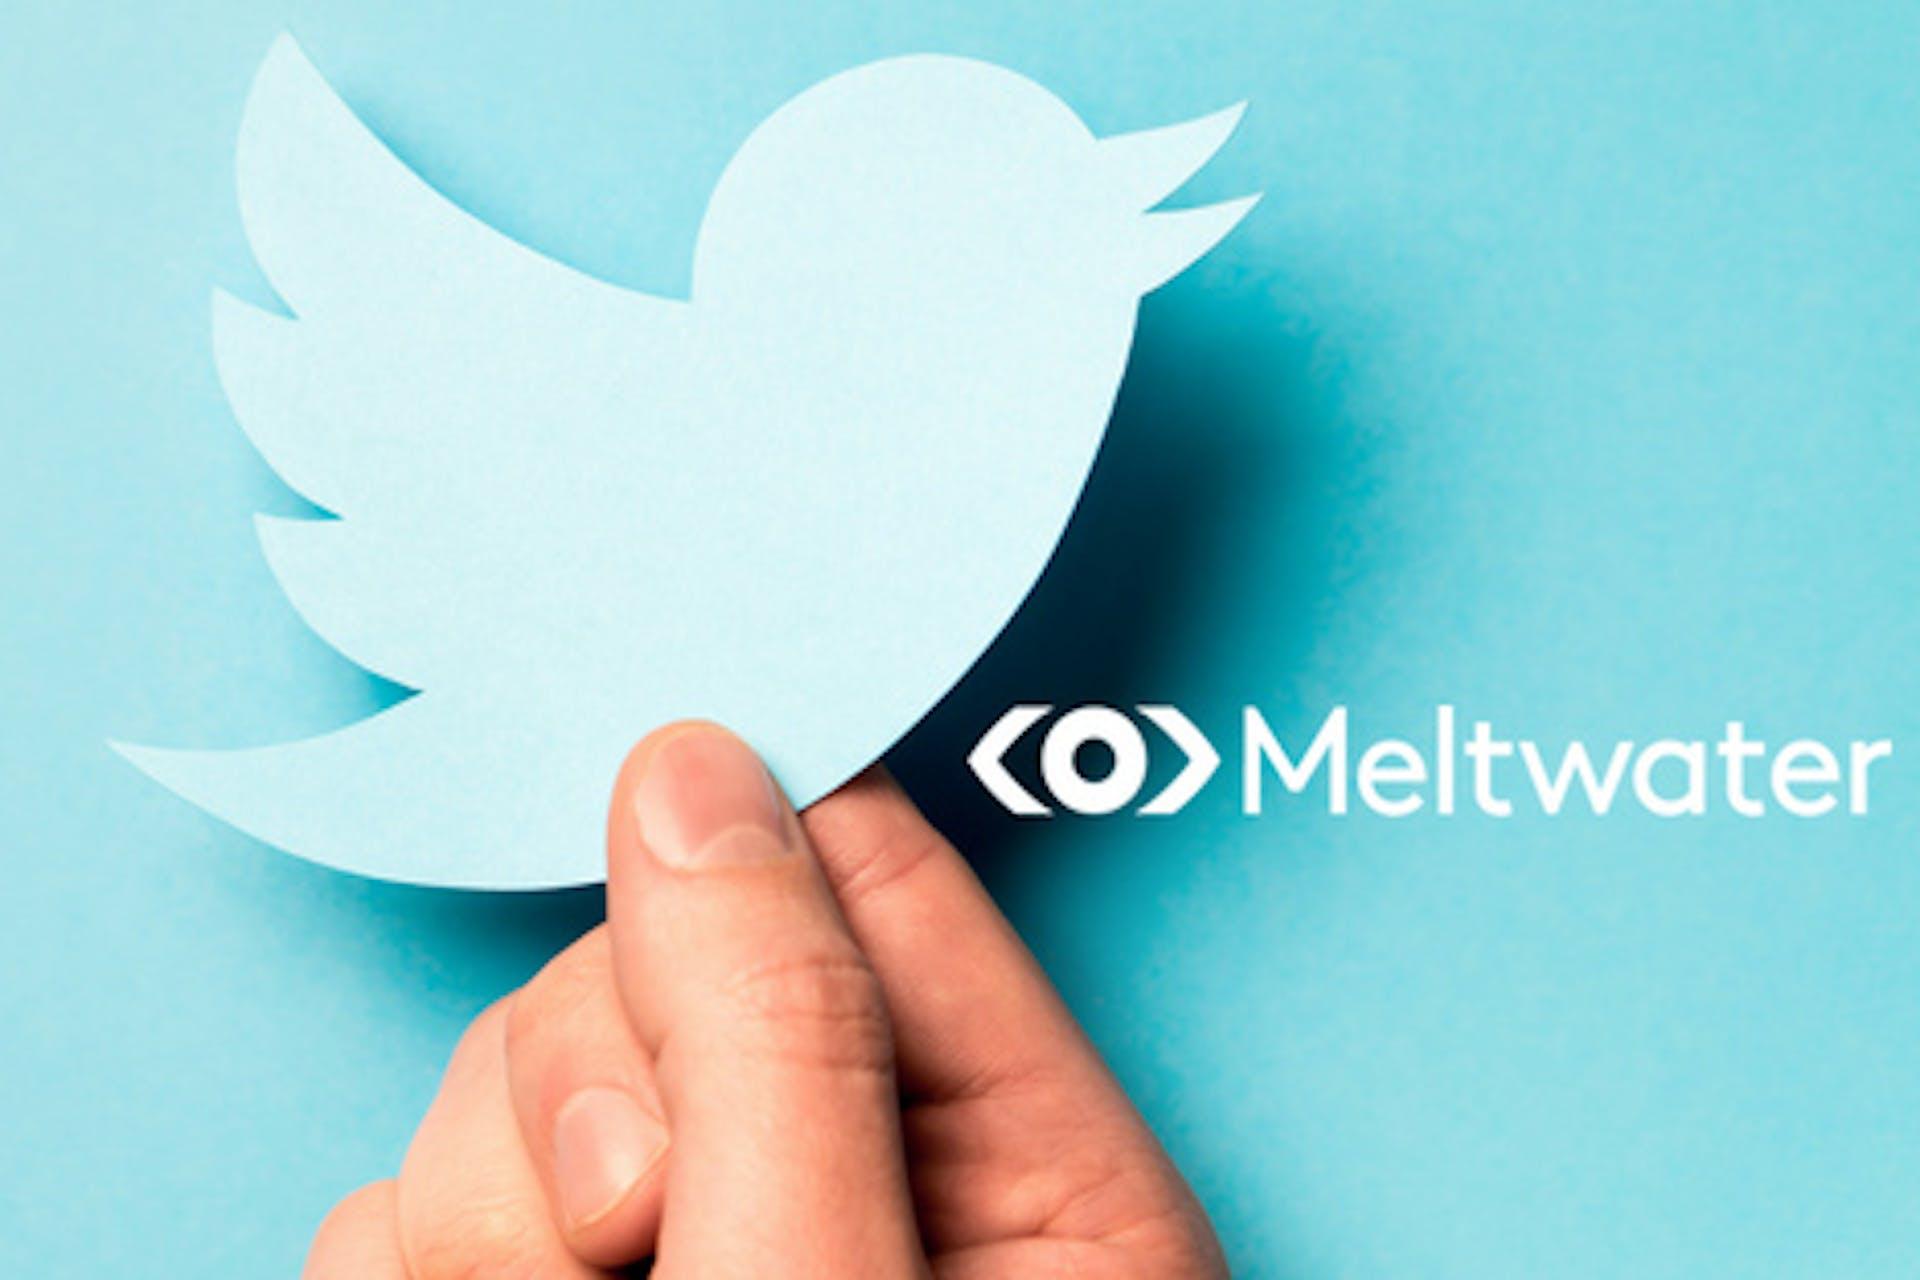 Twitter Icon in Hand Aufschrift Meltwater